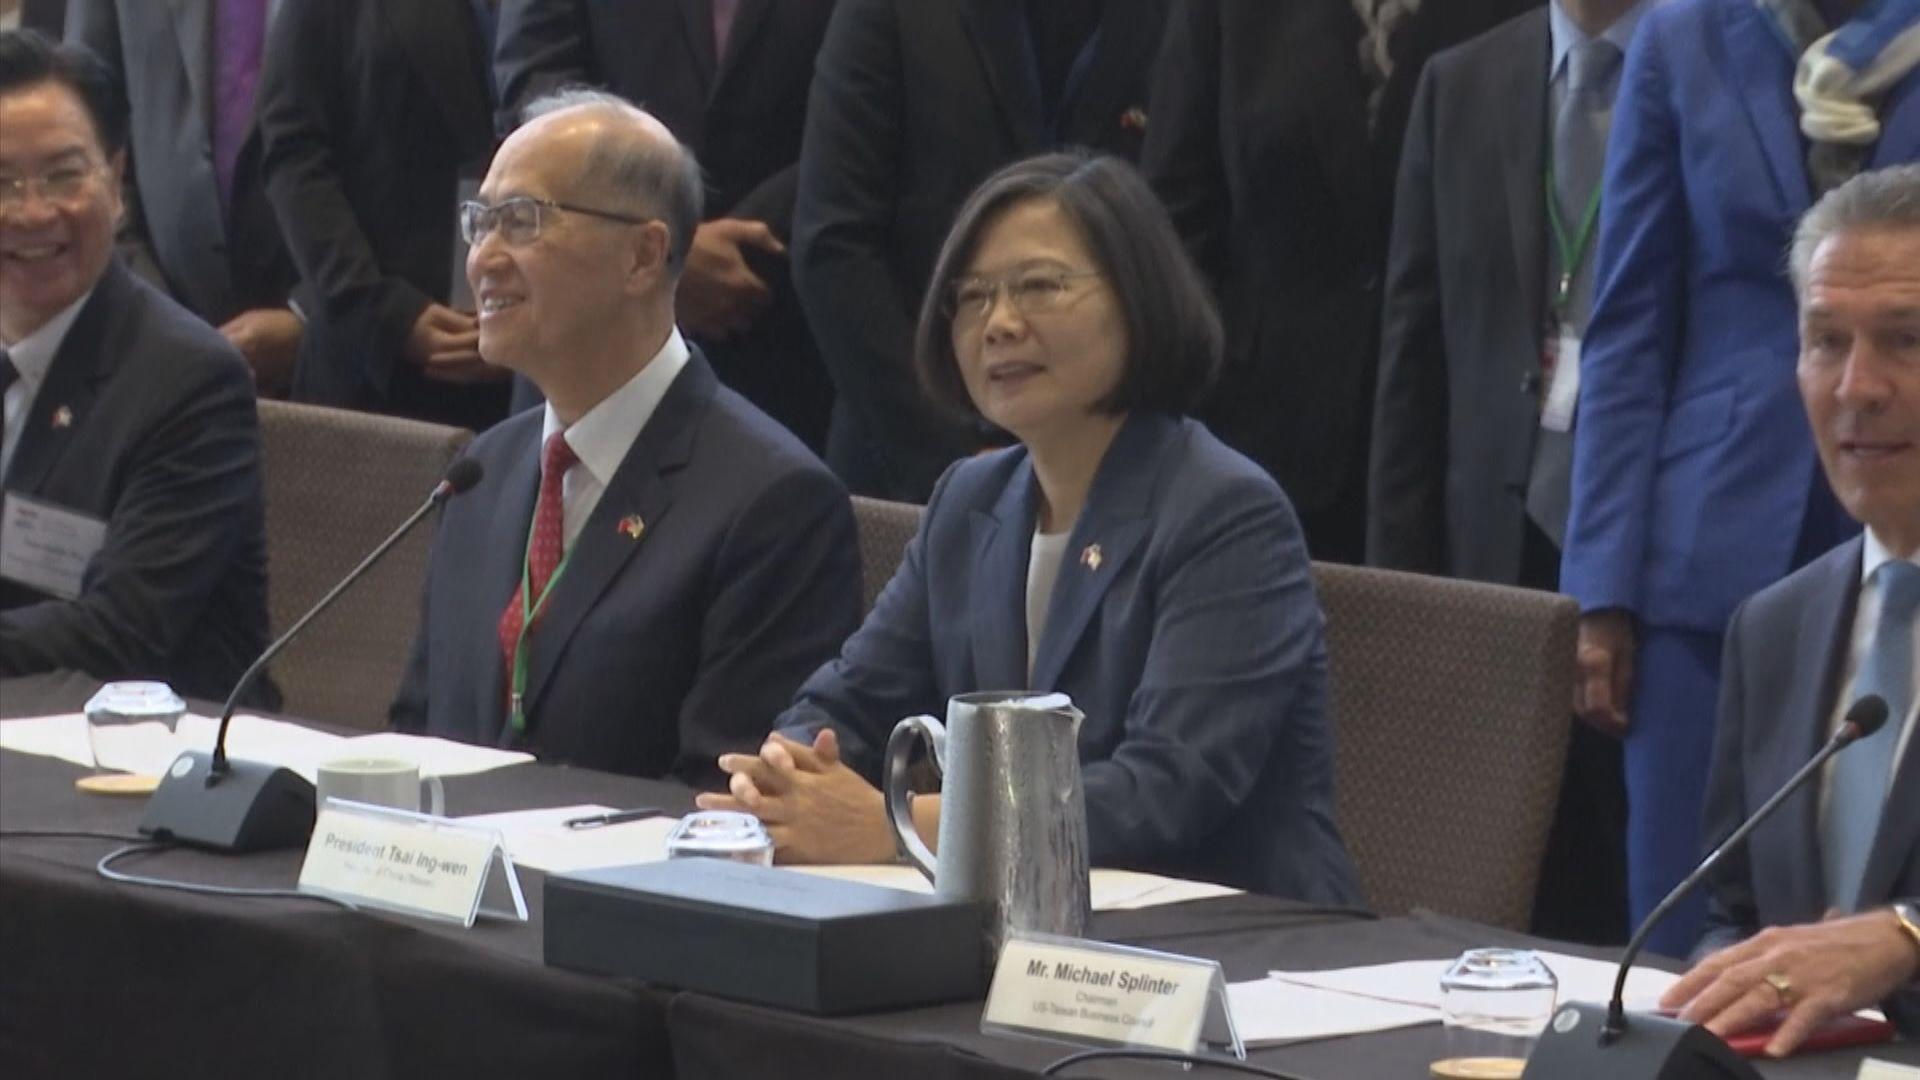 蔡英文:香港經驗表明獨裁與民主無法共存